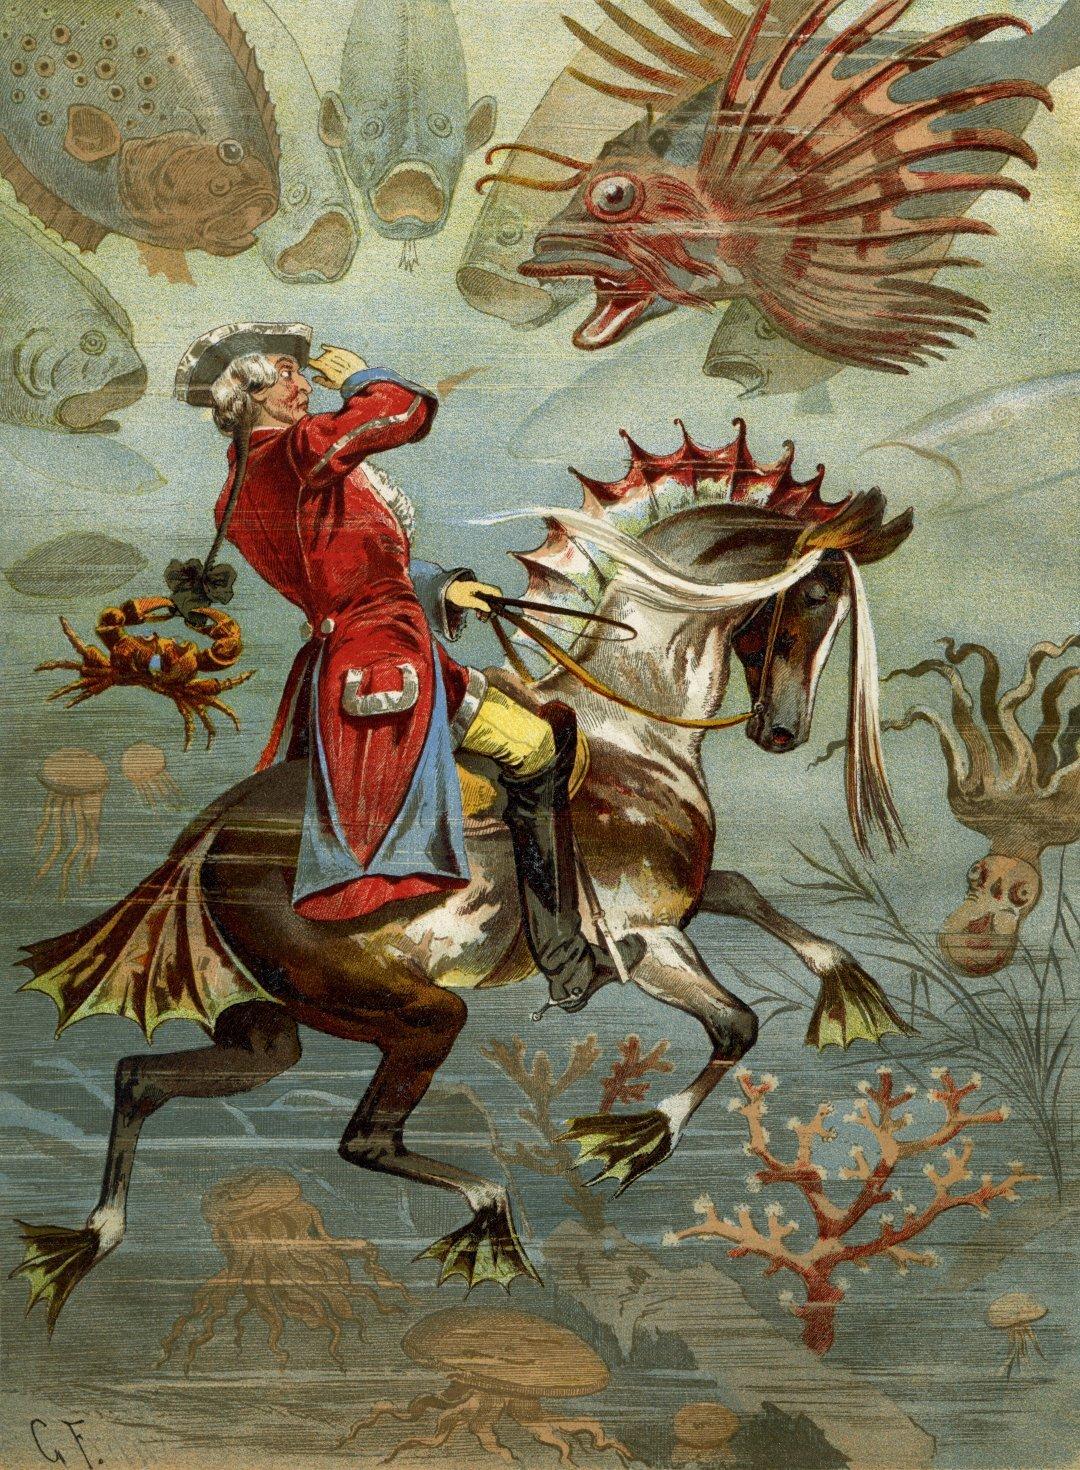 Иллюстрация с Мюнхгаузеном на коне под водой к книге Рудольфа Эриха Распе, созданная Готфридом Францем